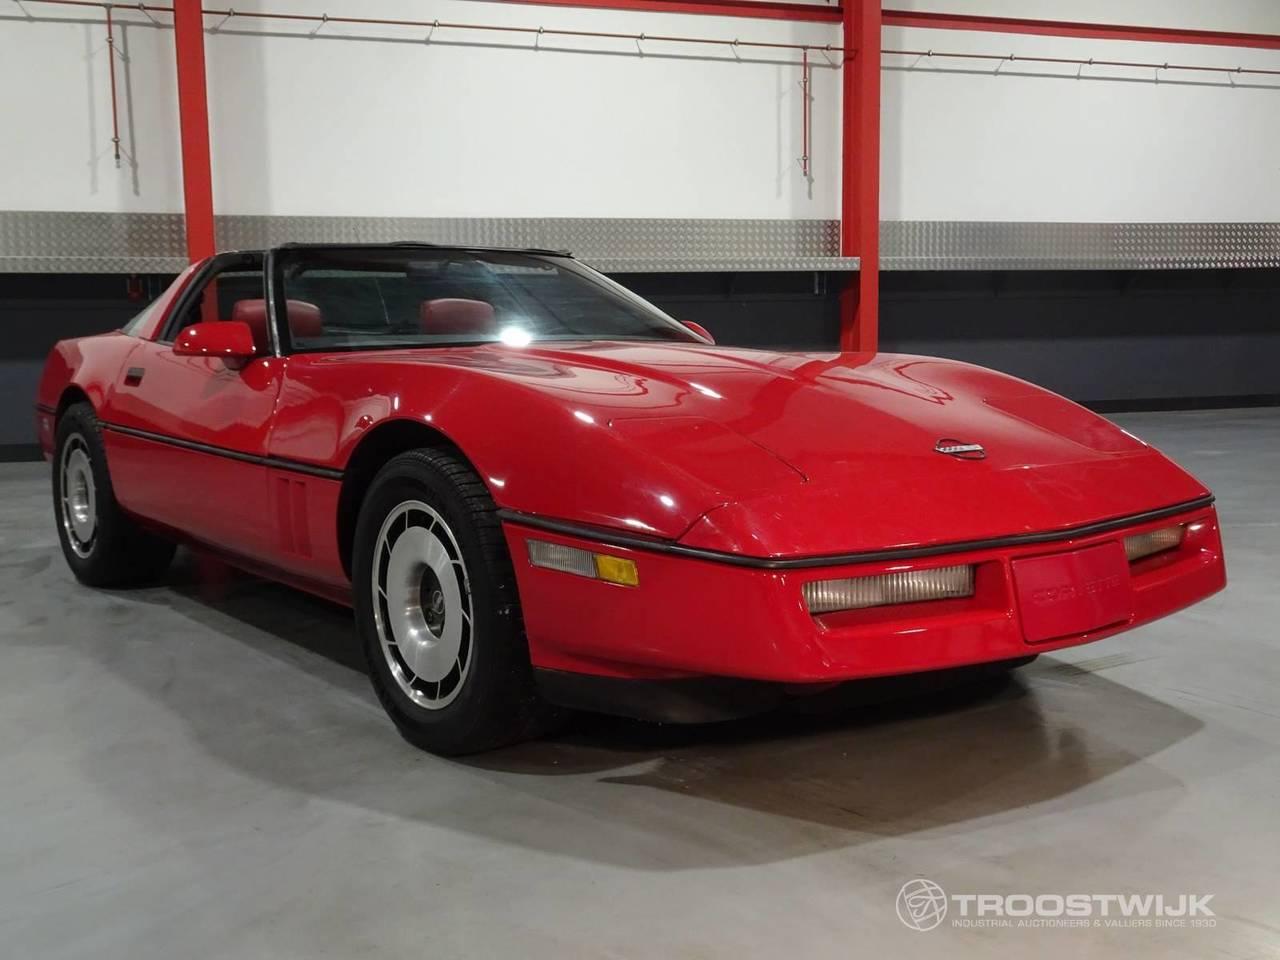 Chevrolet Corvette C4 Targa 350ci V8 Car From Netherlands For Sale At Truck1 Id 4109454